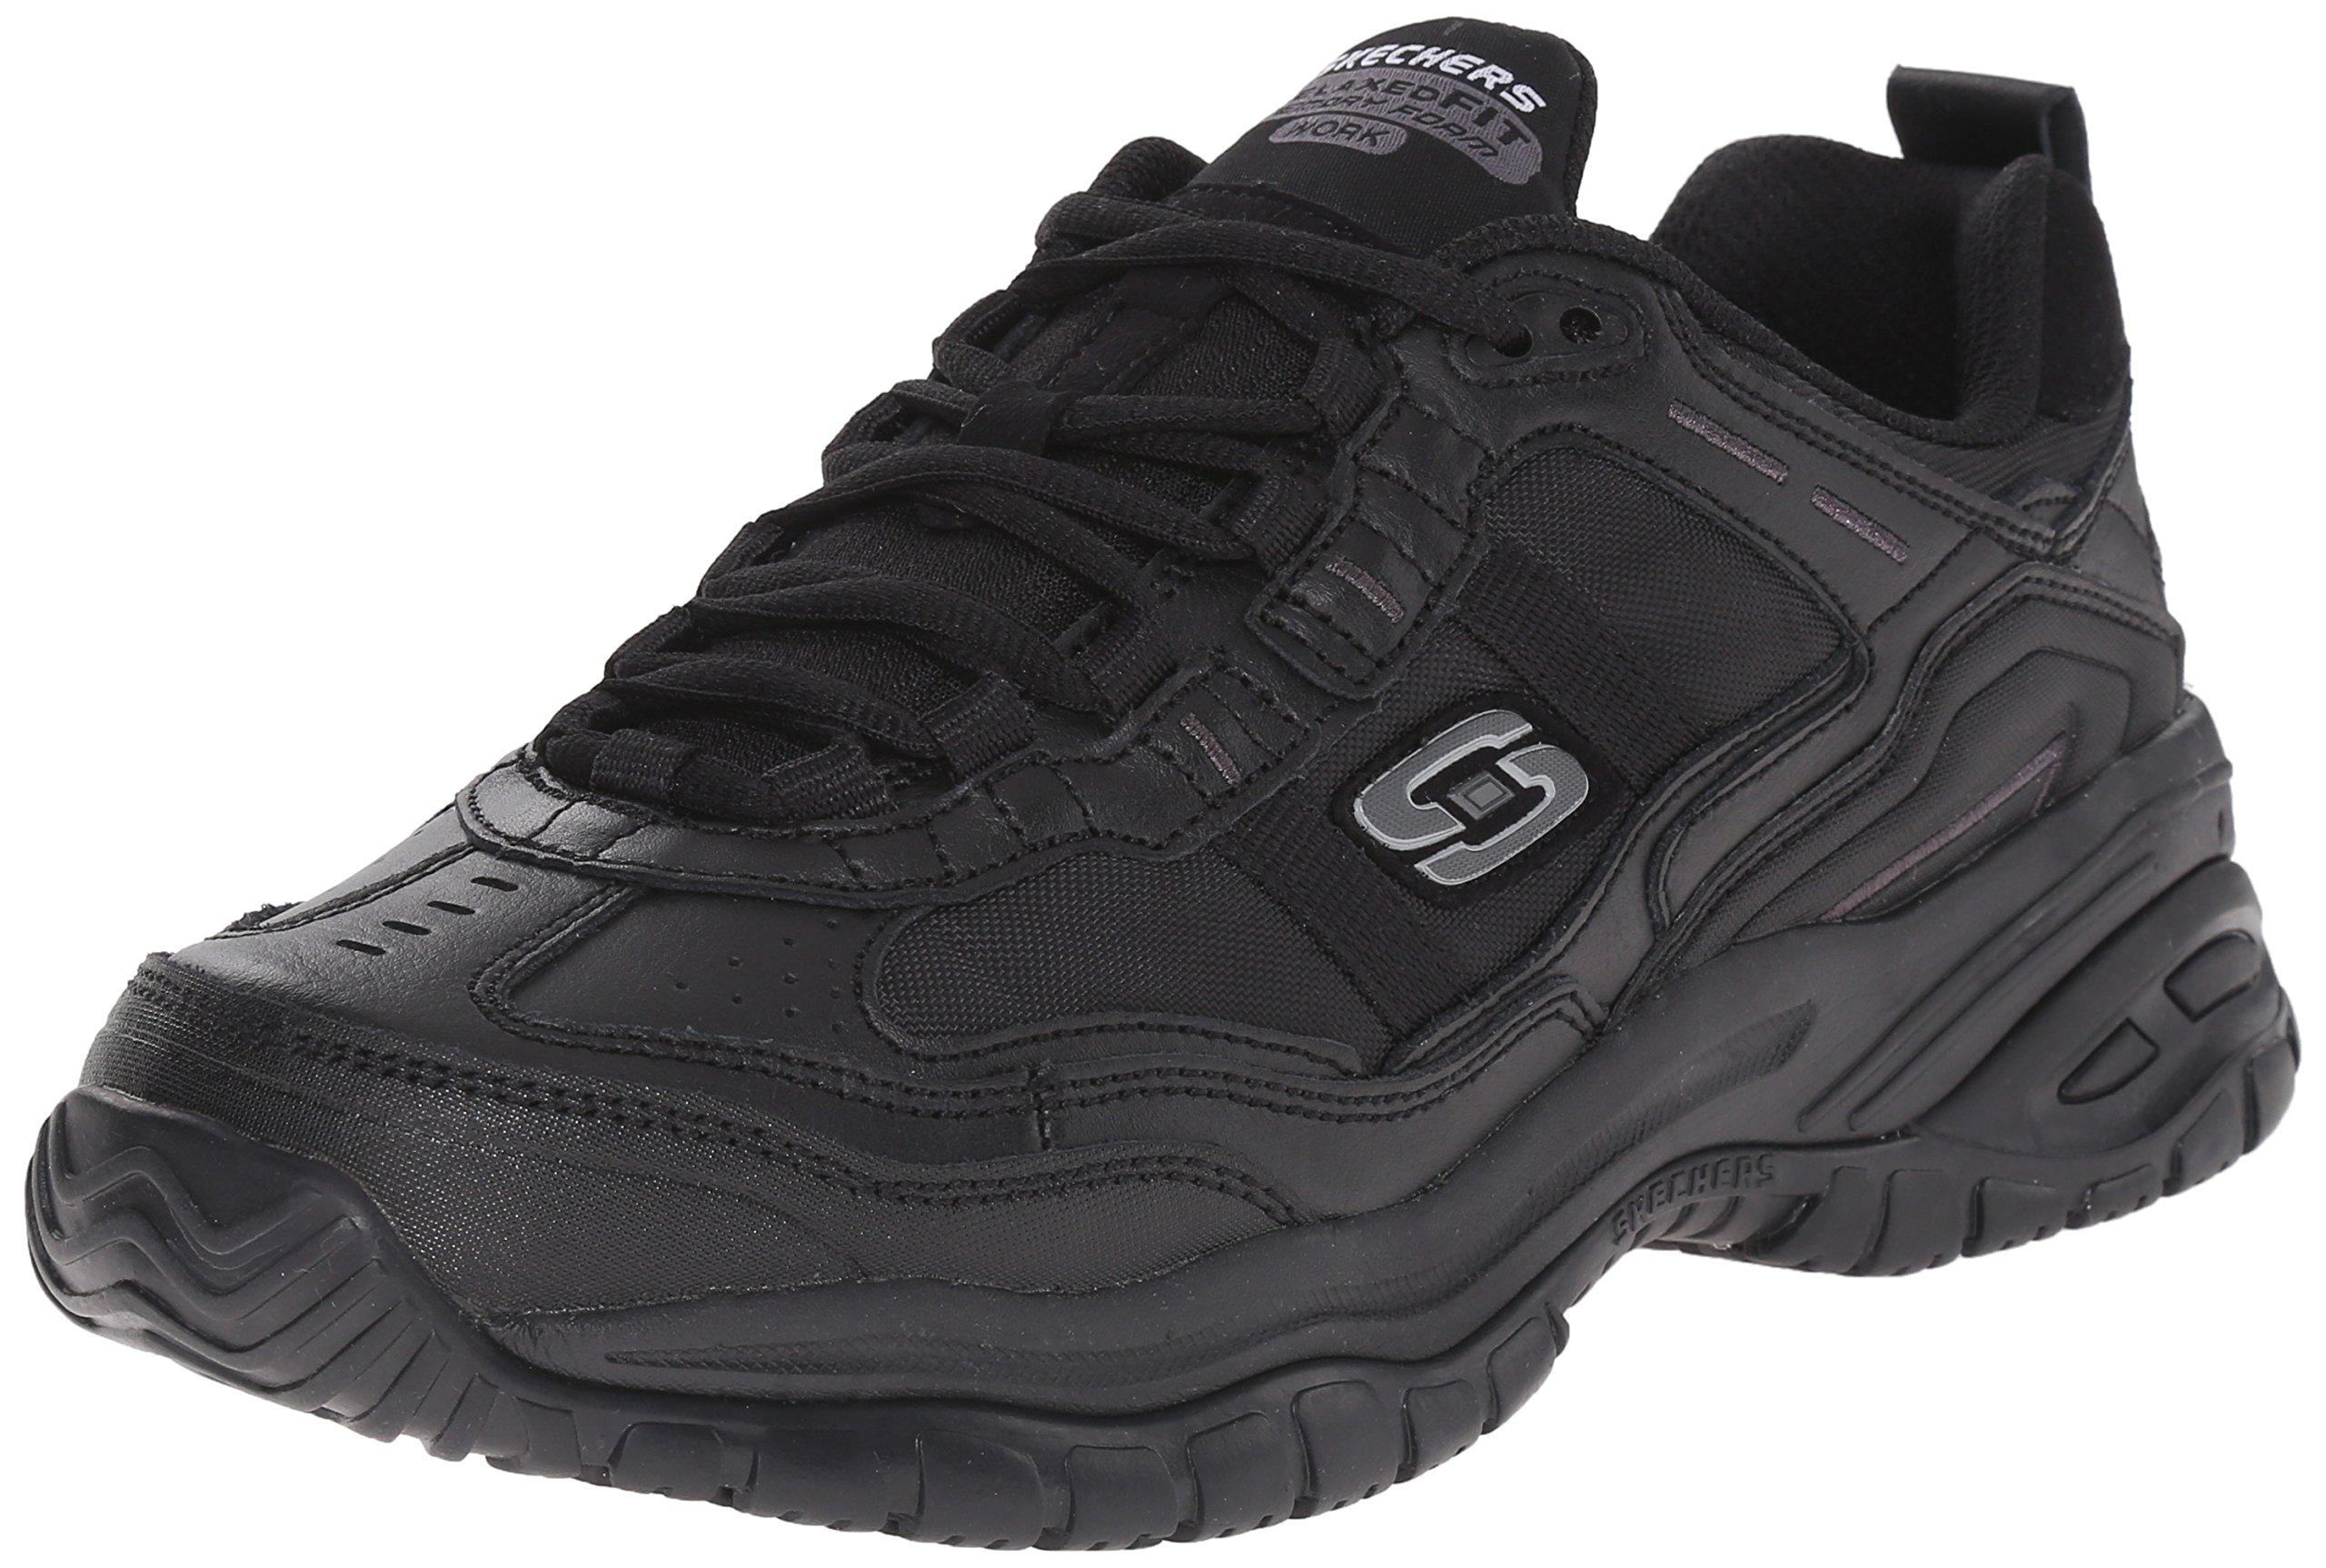 Skechers for Work Men's Soft Stride Mavin Work Shoe, Black, 10.5 W US by Skechers